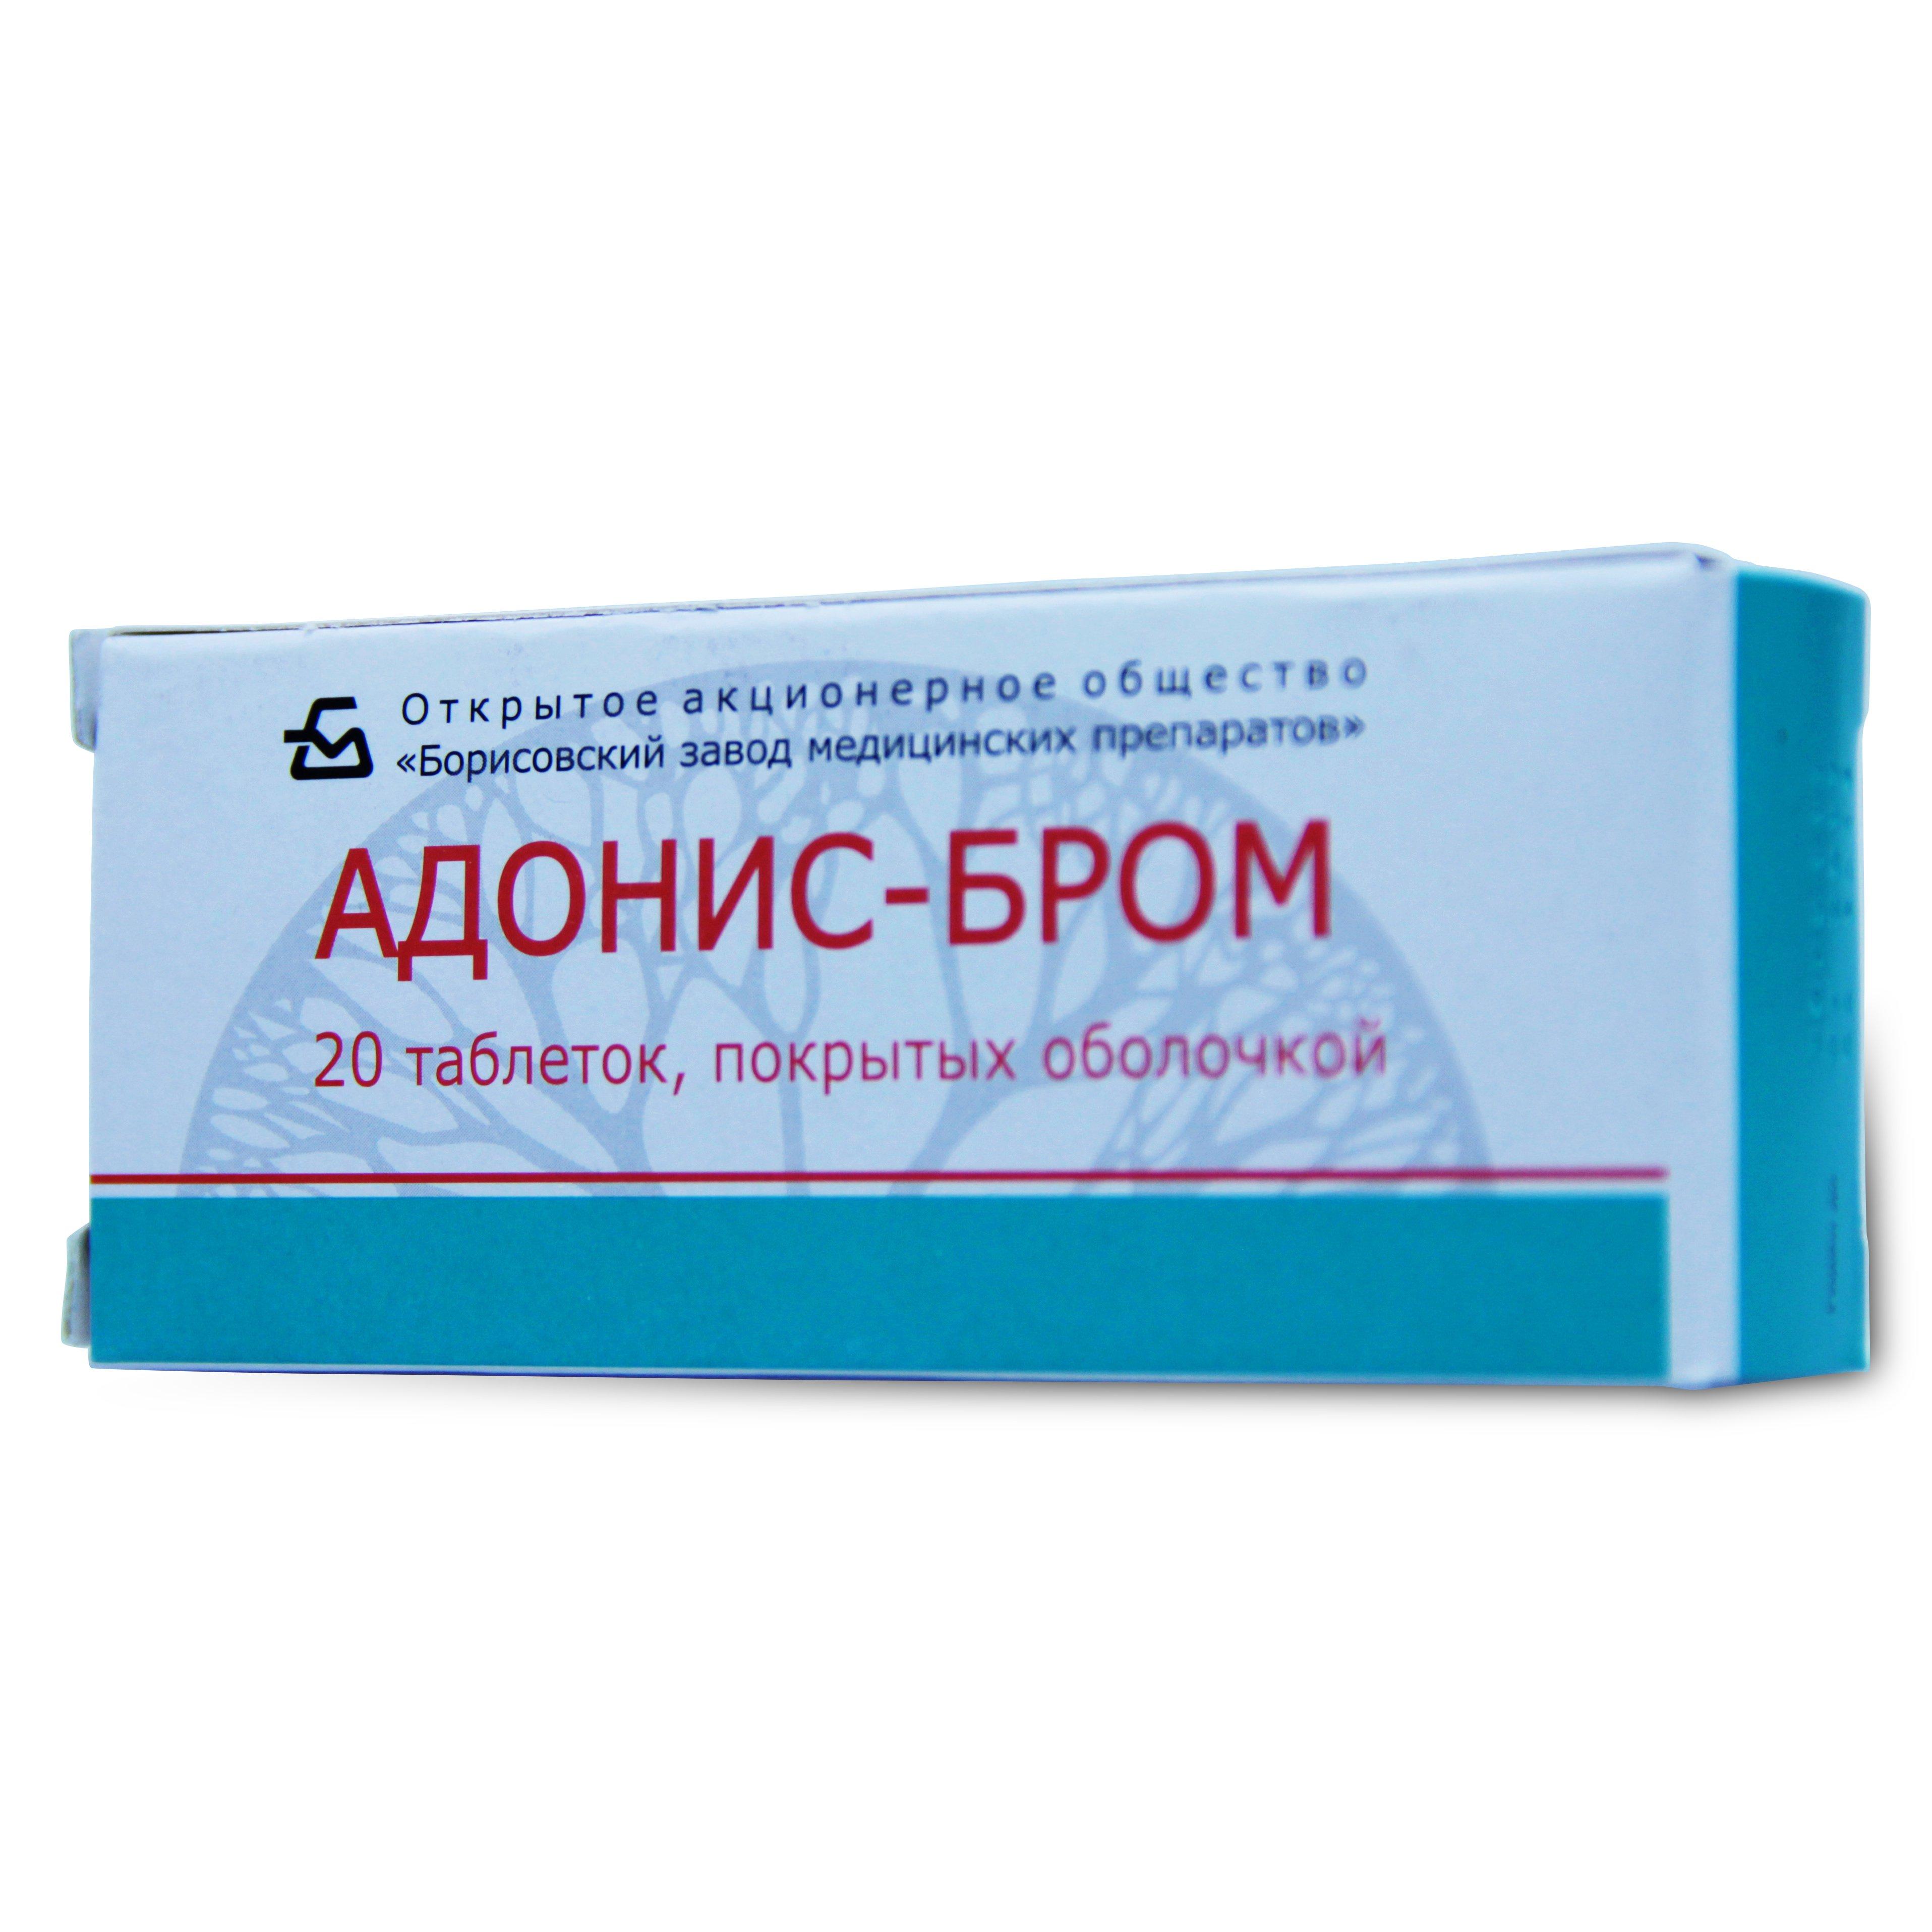 Адонис бром при беременности